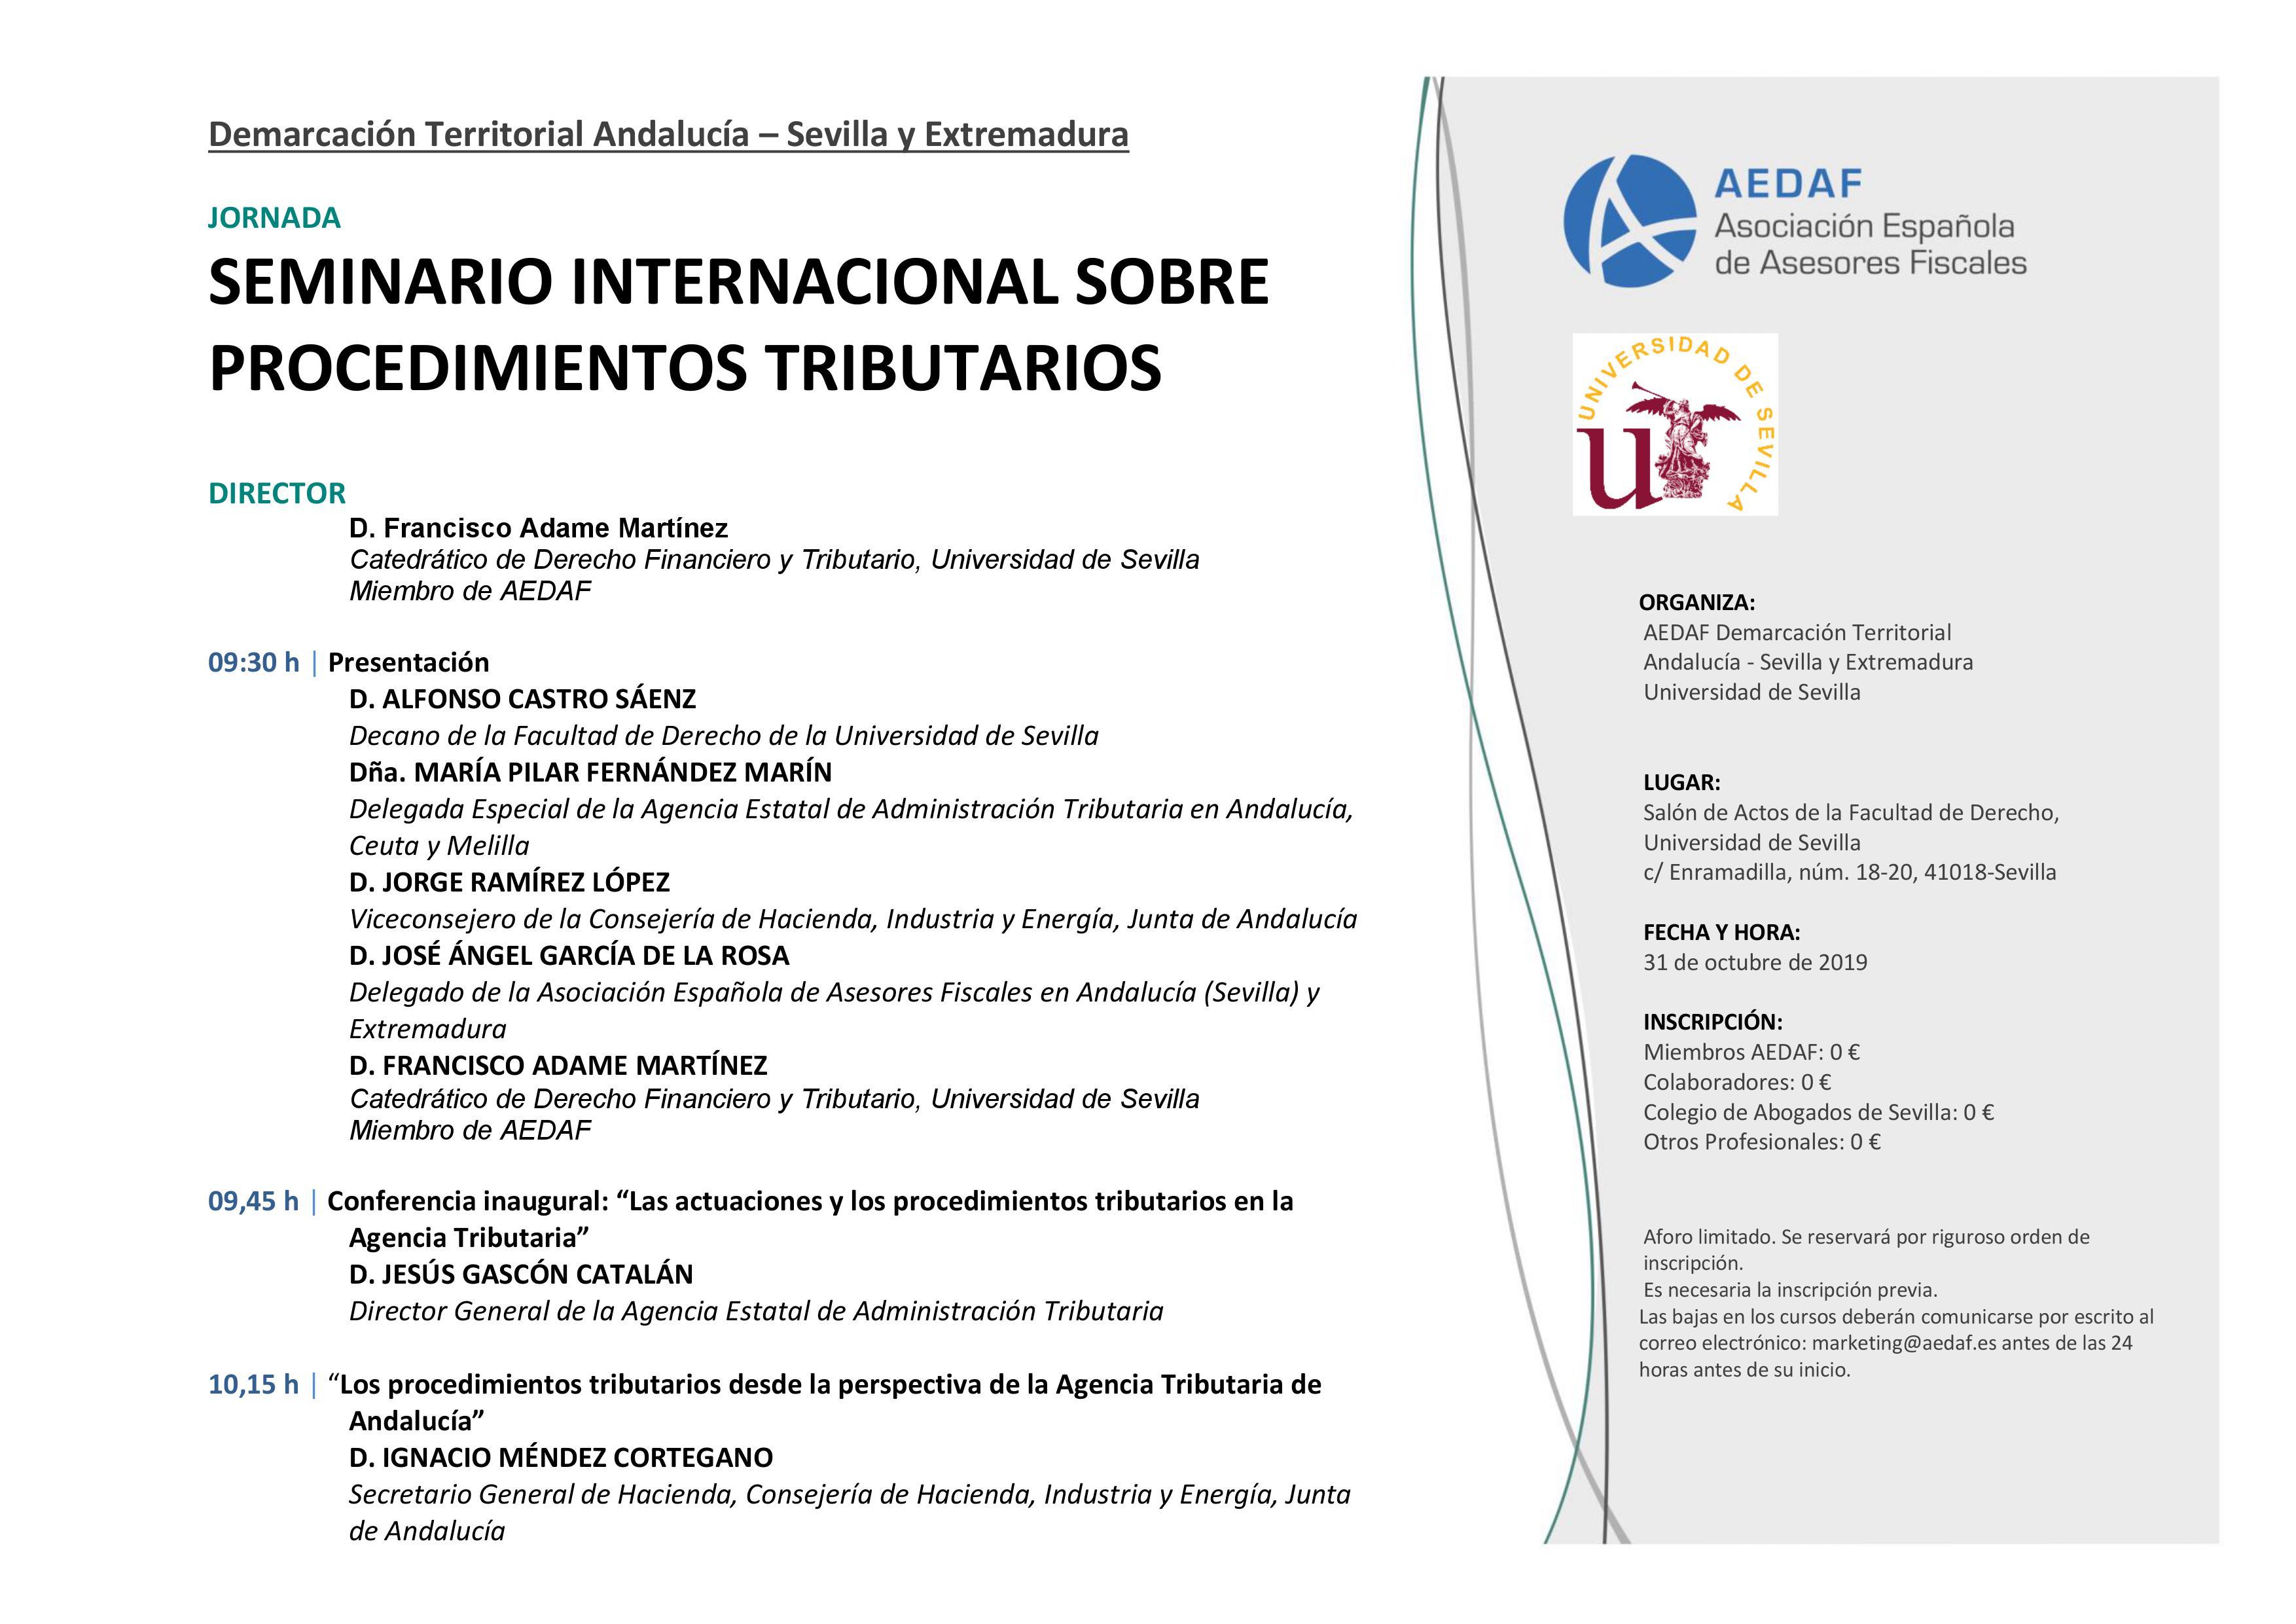 SEMINARIO INTERNACIONAL SOBRE PROCEDIMIENTOS TRIBUTARIOS